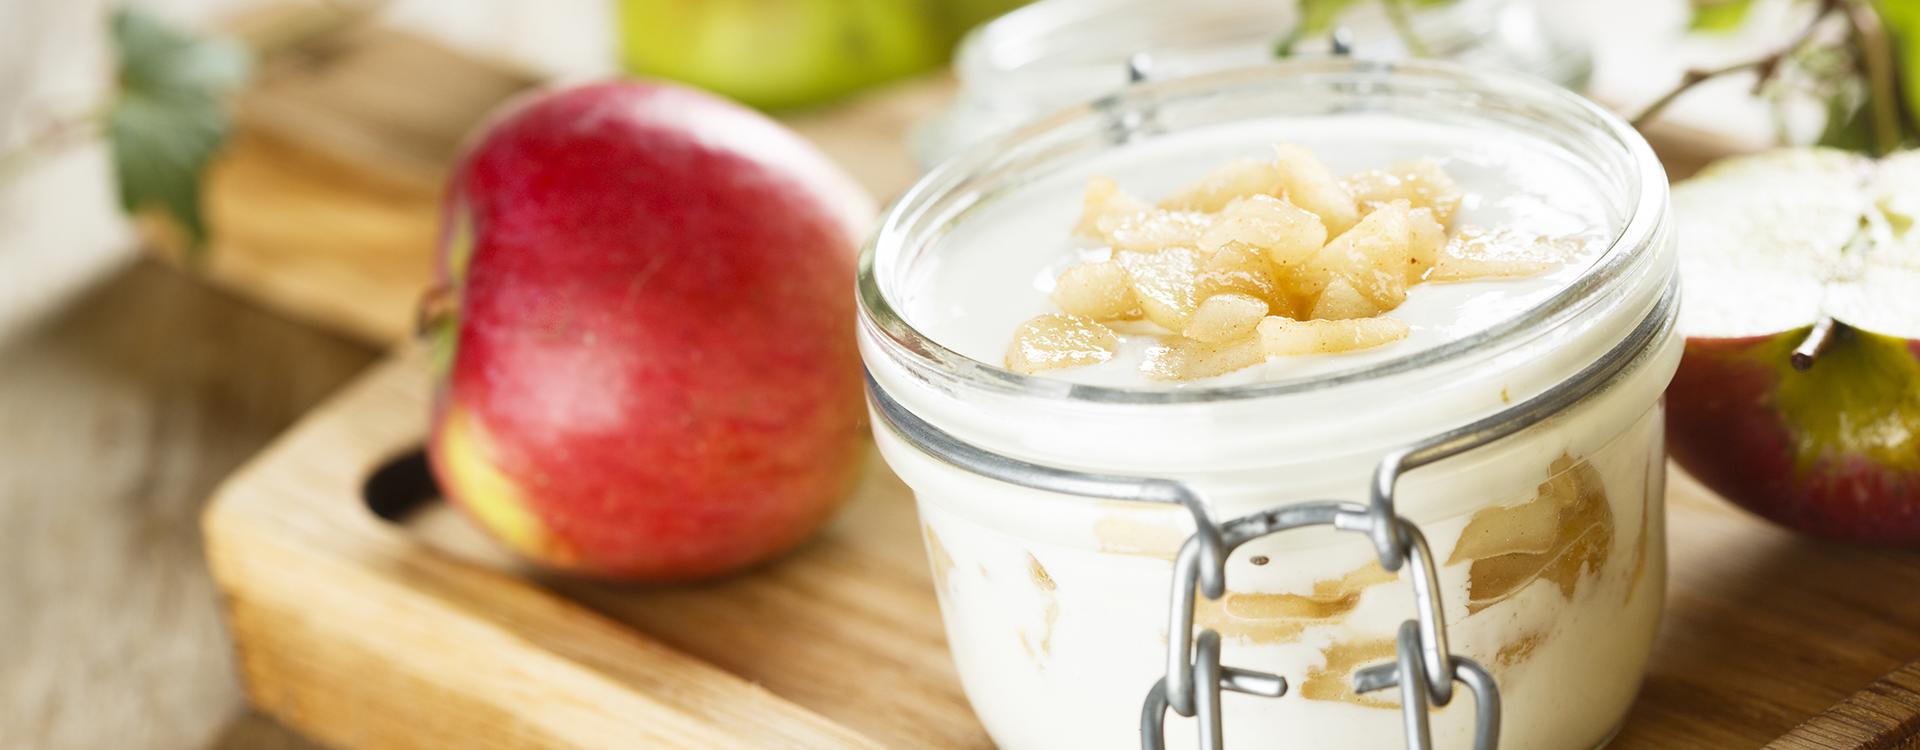 Pasta z serkiem jabłkowym - przepis